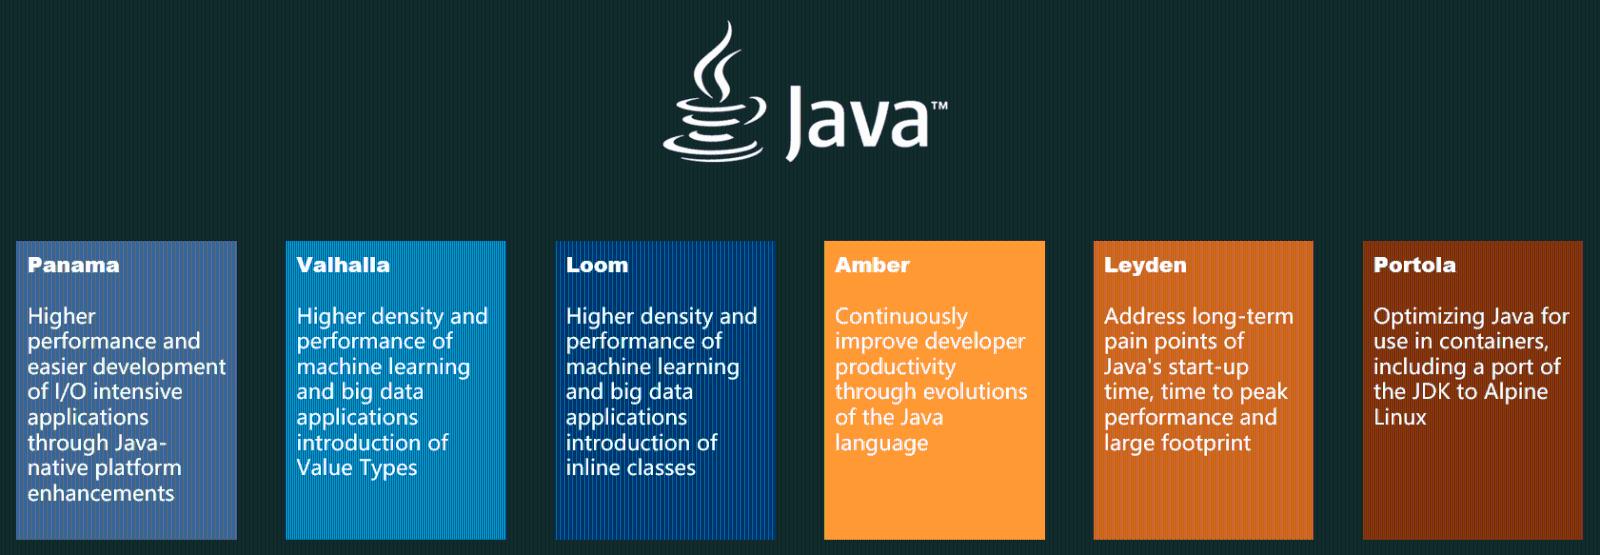 云原生时代,Java 的危与机